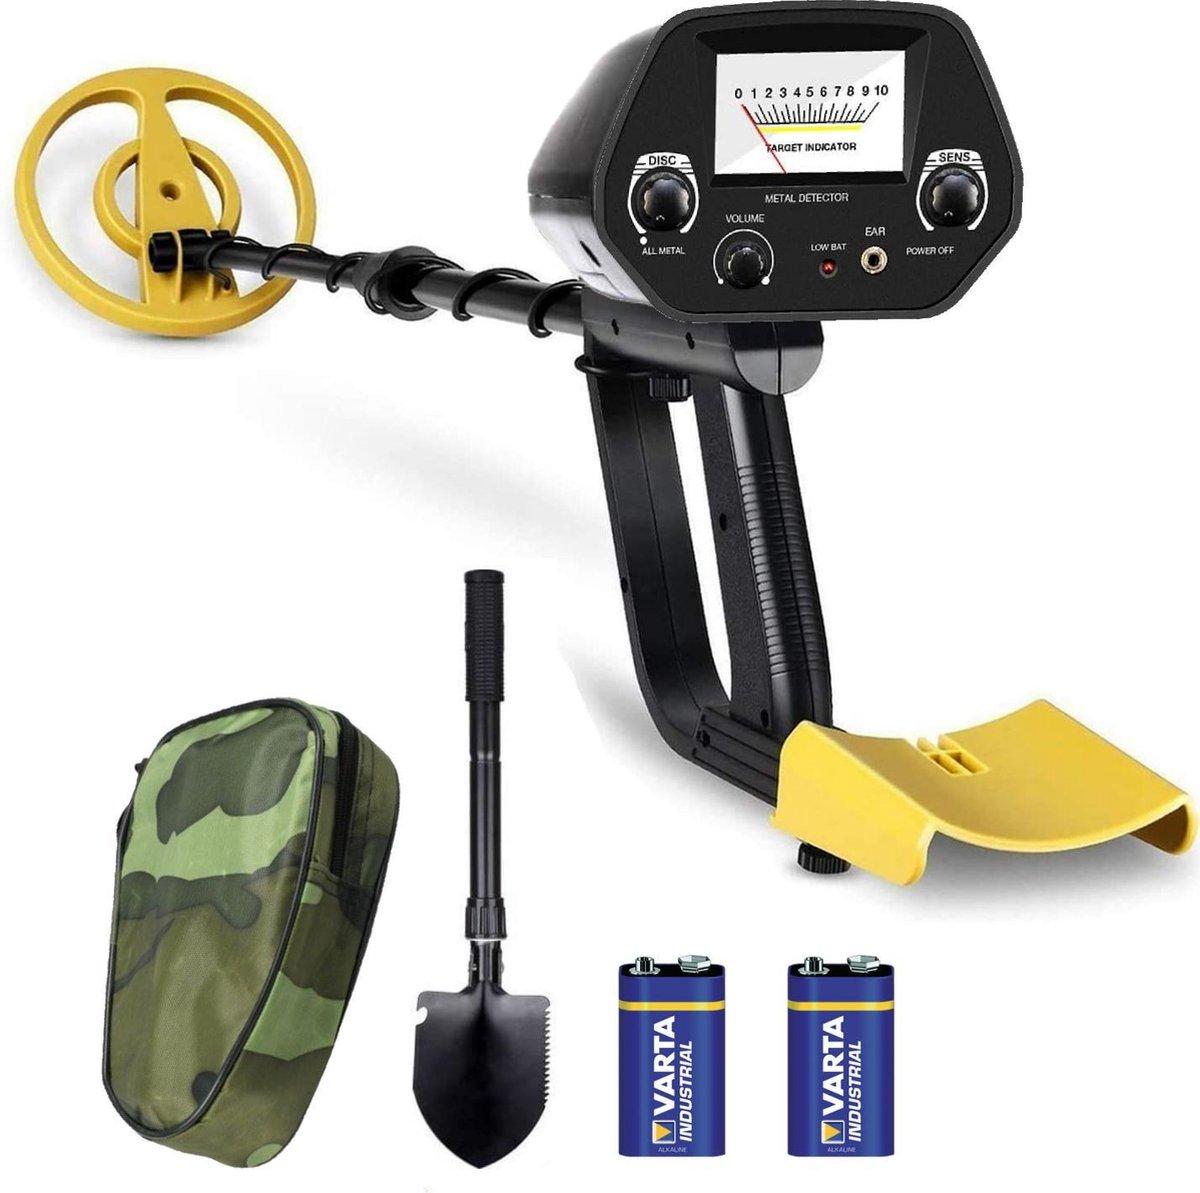 DETECT-IT Metaaldetector - Voor kinderen en volwassenen - Verstelbare hoogte - Incl. Batterijen en S